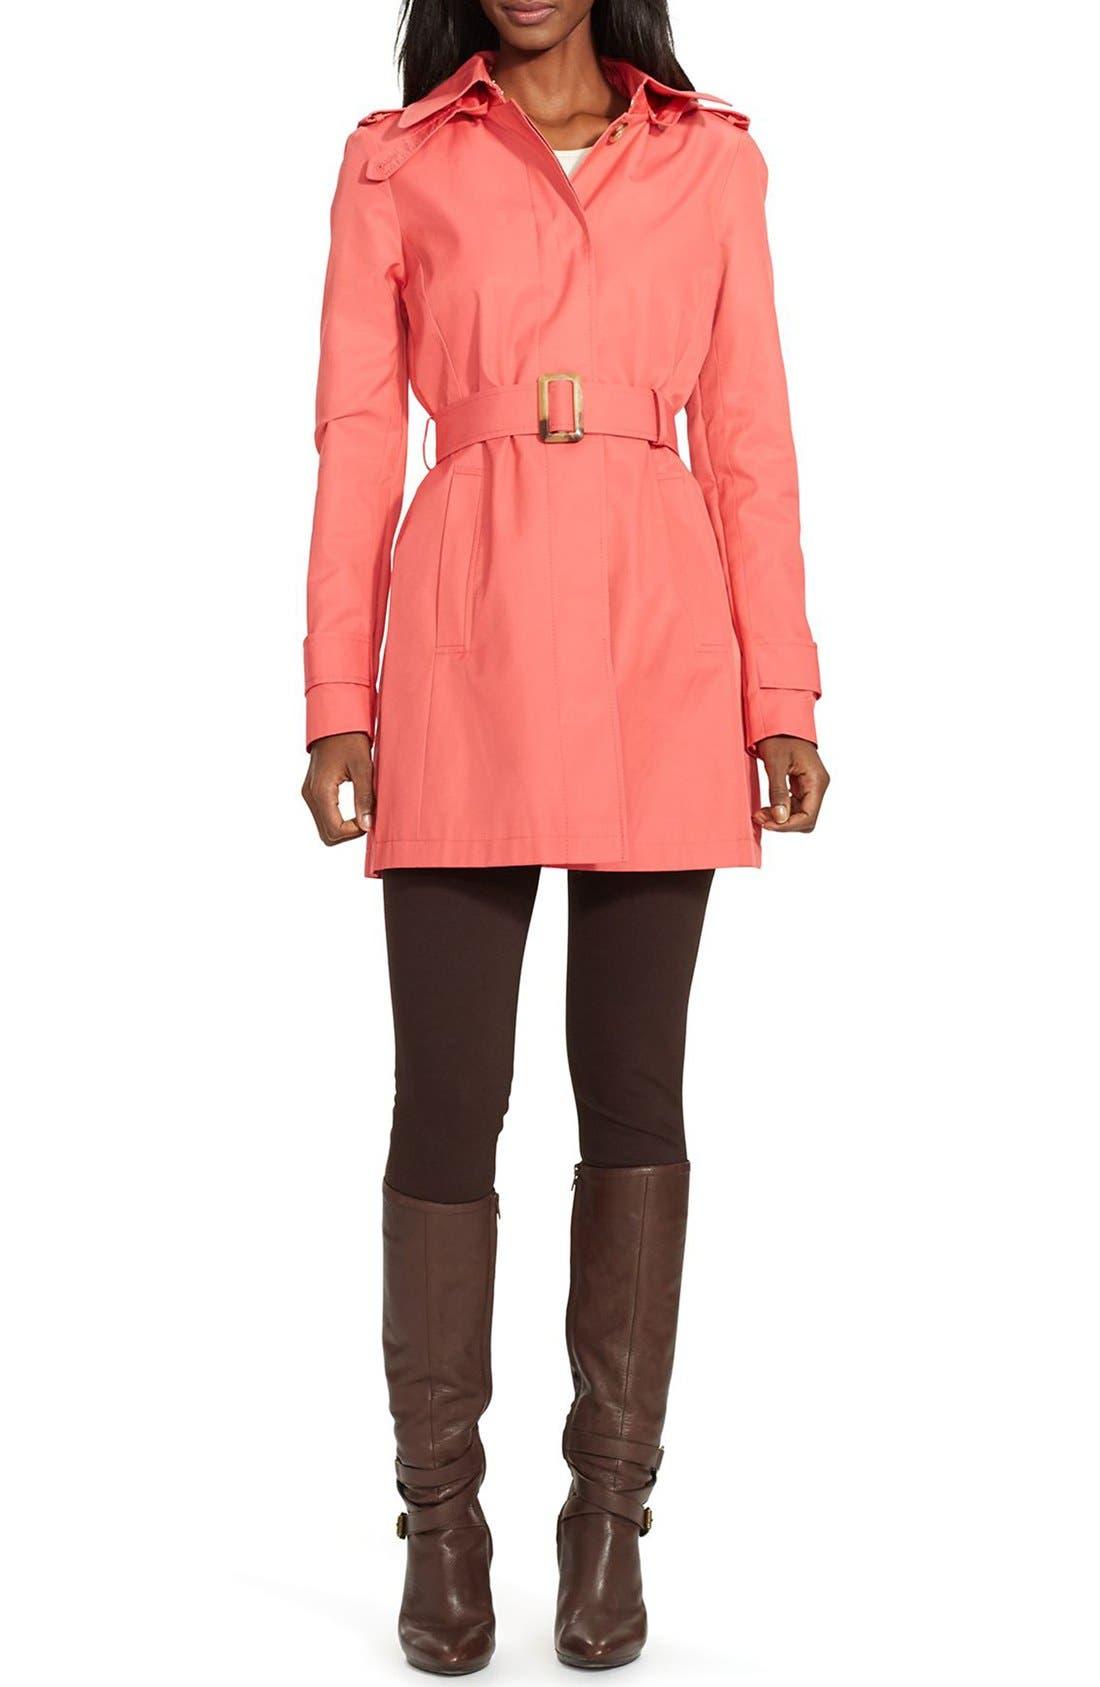 Alternate Image 1 Selected - Lauren Ralph Lauren Belted Hooded Raincoat